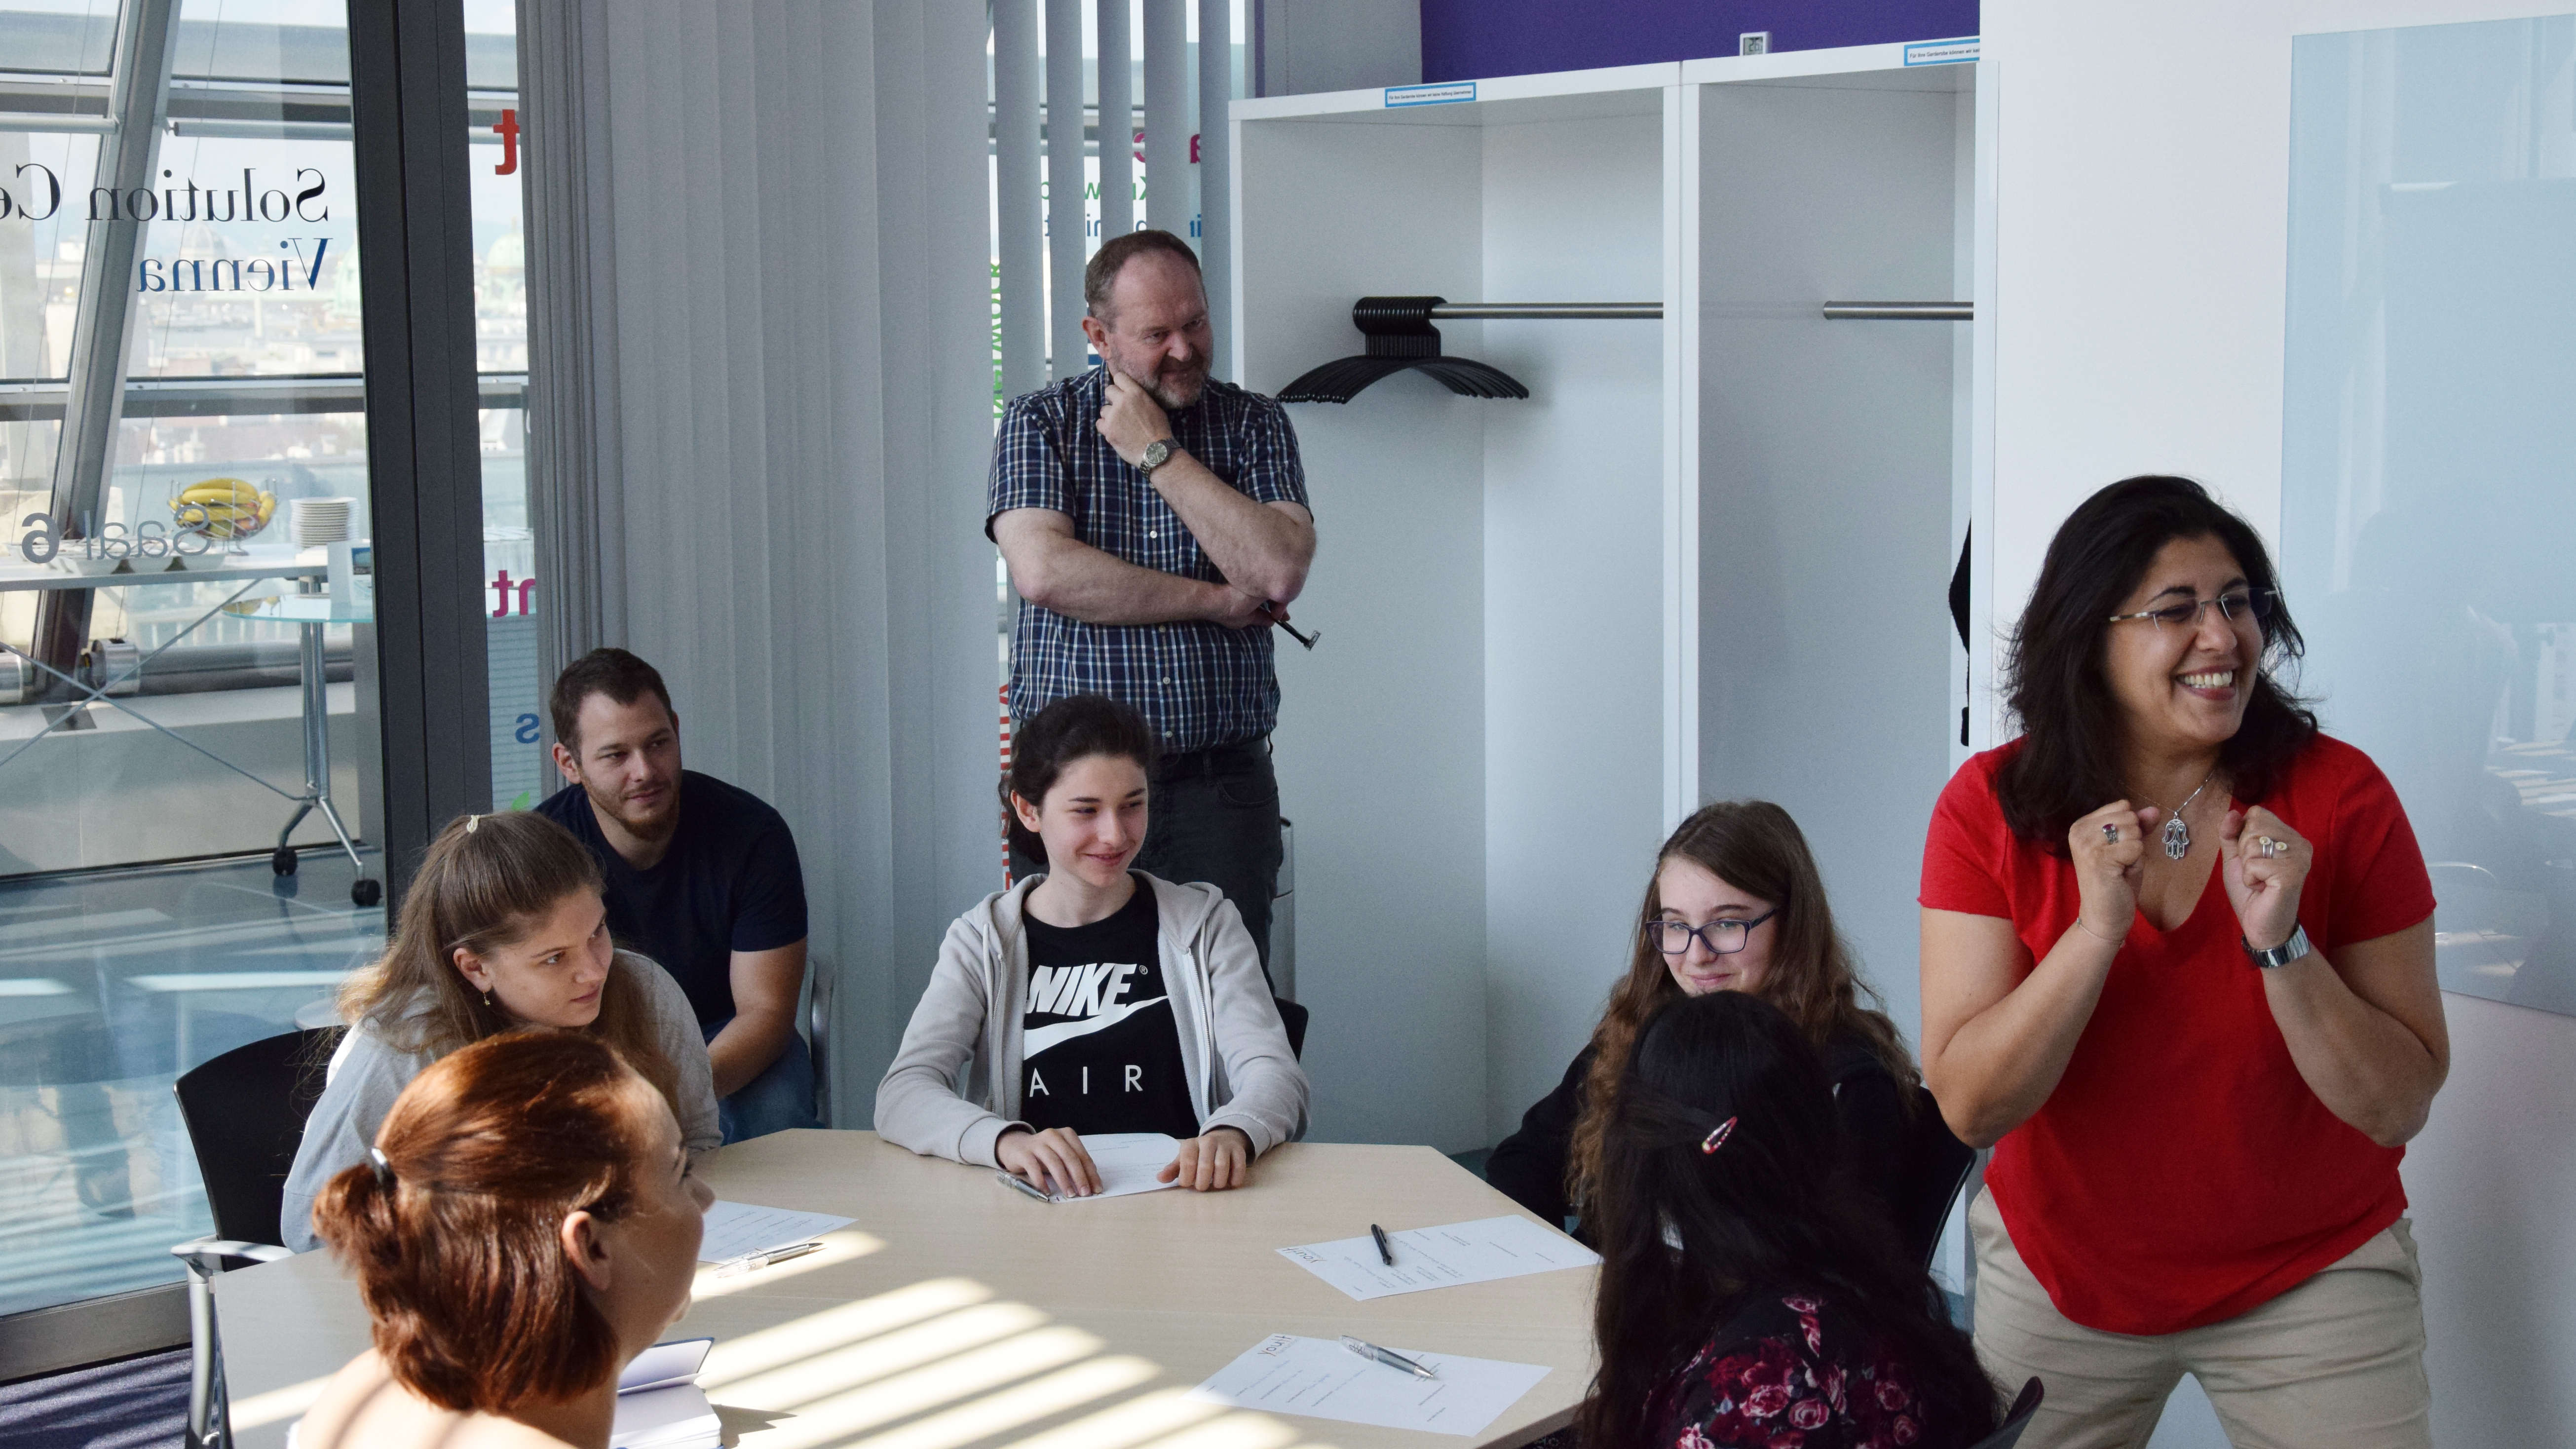 Technik für alle  Das Projekt Youth Hackathon von MadeByKids hat es sich zum Ziel gesetzt jungen Schüler*Innen Technik, Wissenschaft und Innovation näherzubringen. MadeByKids und DaVinciLab schaffen genau das, mit einer Portion Humor, Charme und Erfahrung